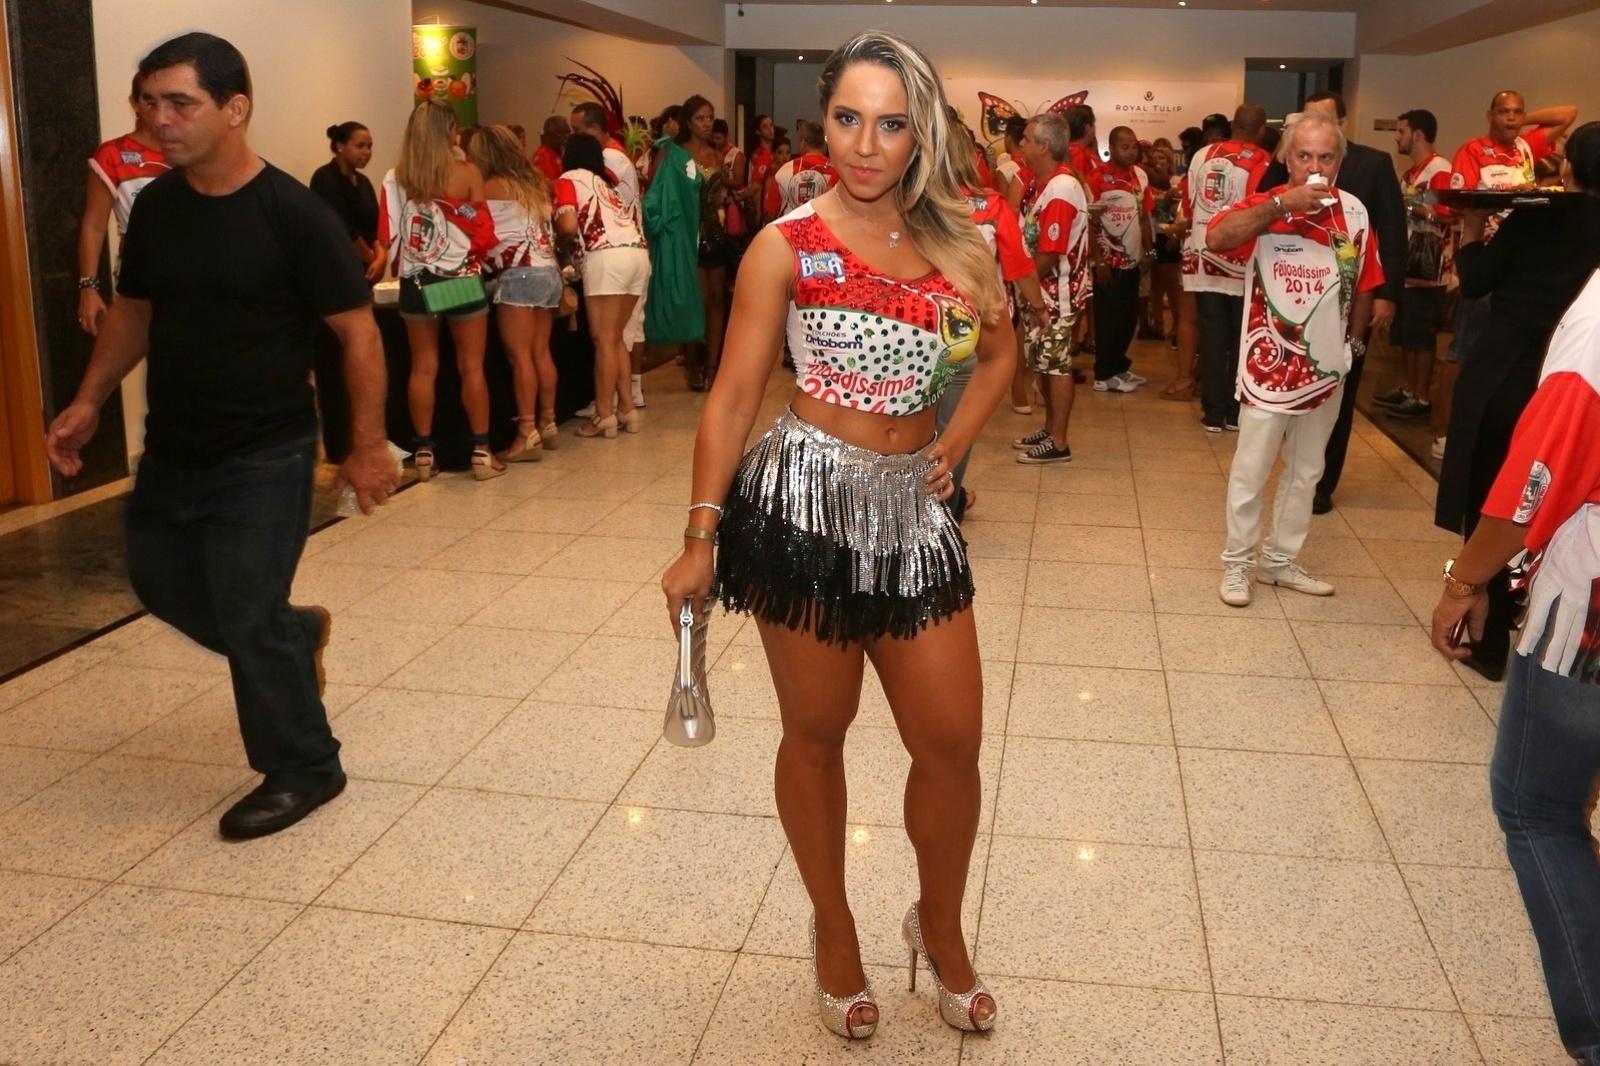 23.fev.2014 - Mulher Melão na Feijoada da Grande Rio no Hotel Royal Tulip, em São Conrado, na Zona Sul do Rio de Janeiro, na tarde deste domingo (23)